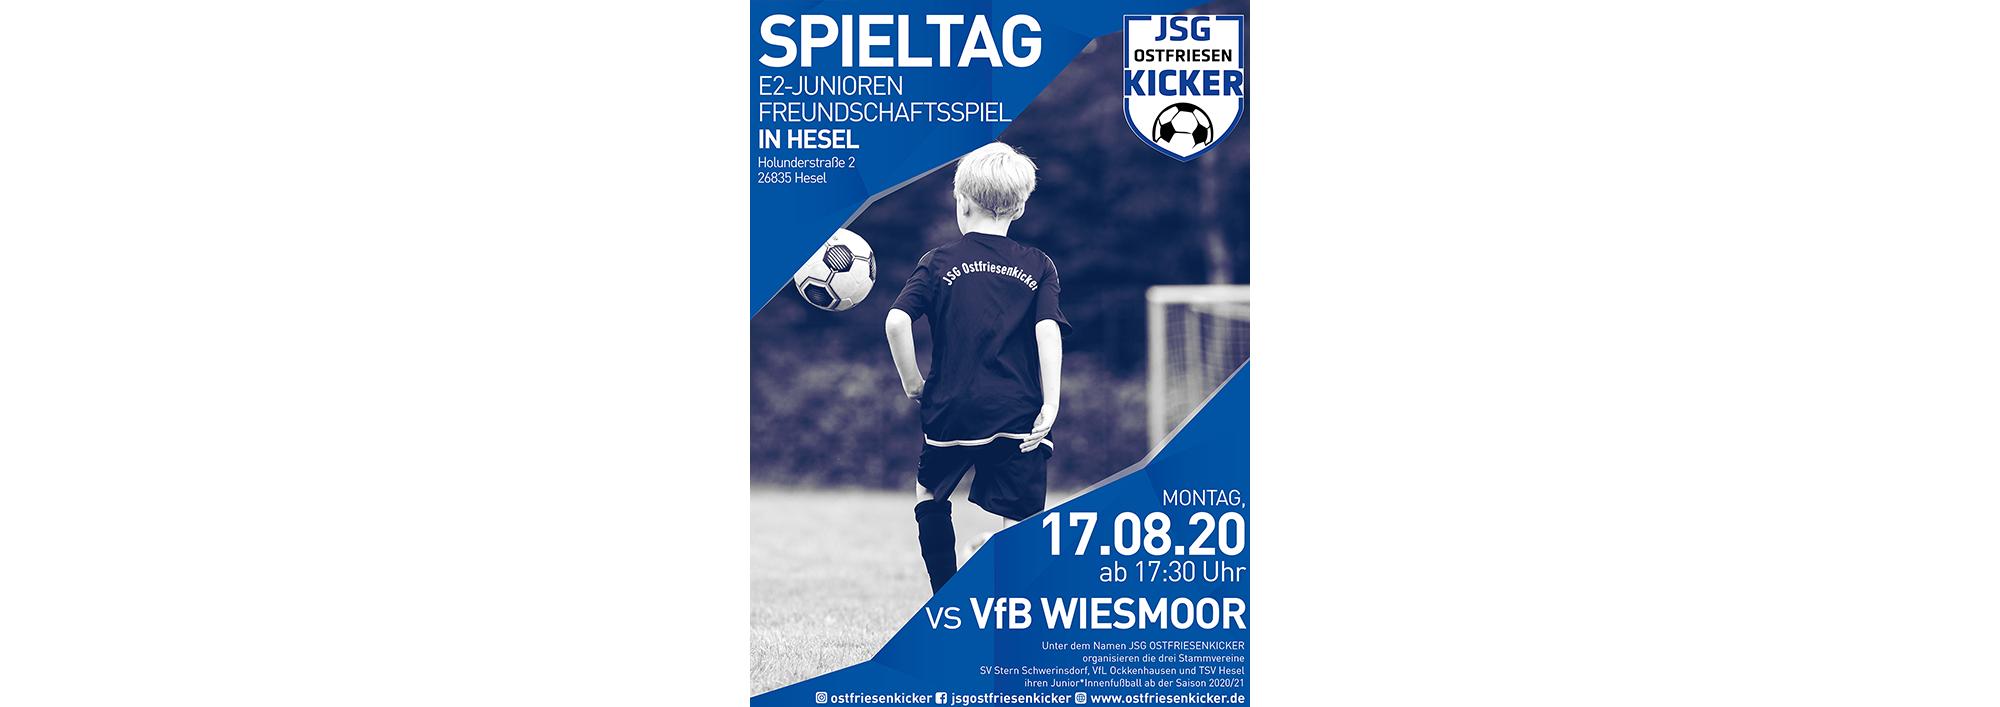 Freundschaftsspiel der E2-Jugend am 17.08 um 17:30 Uhr